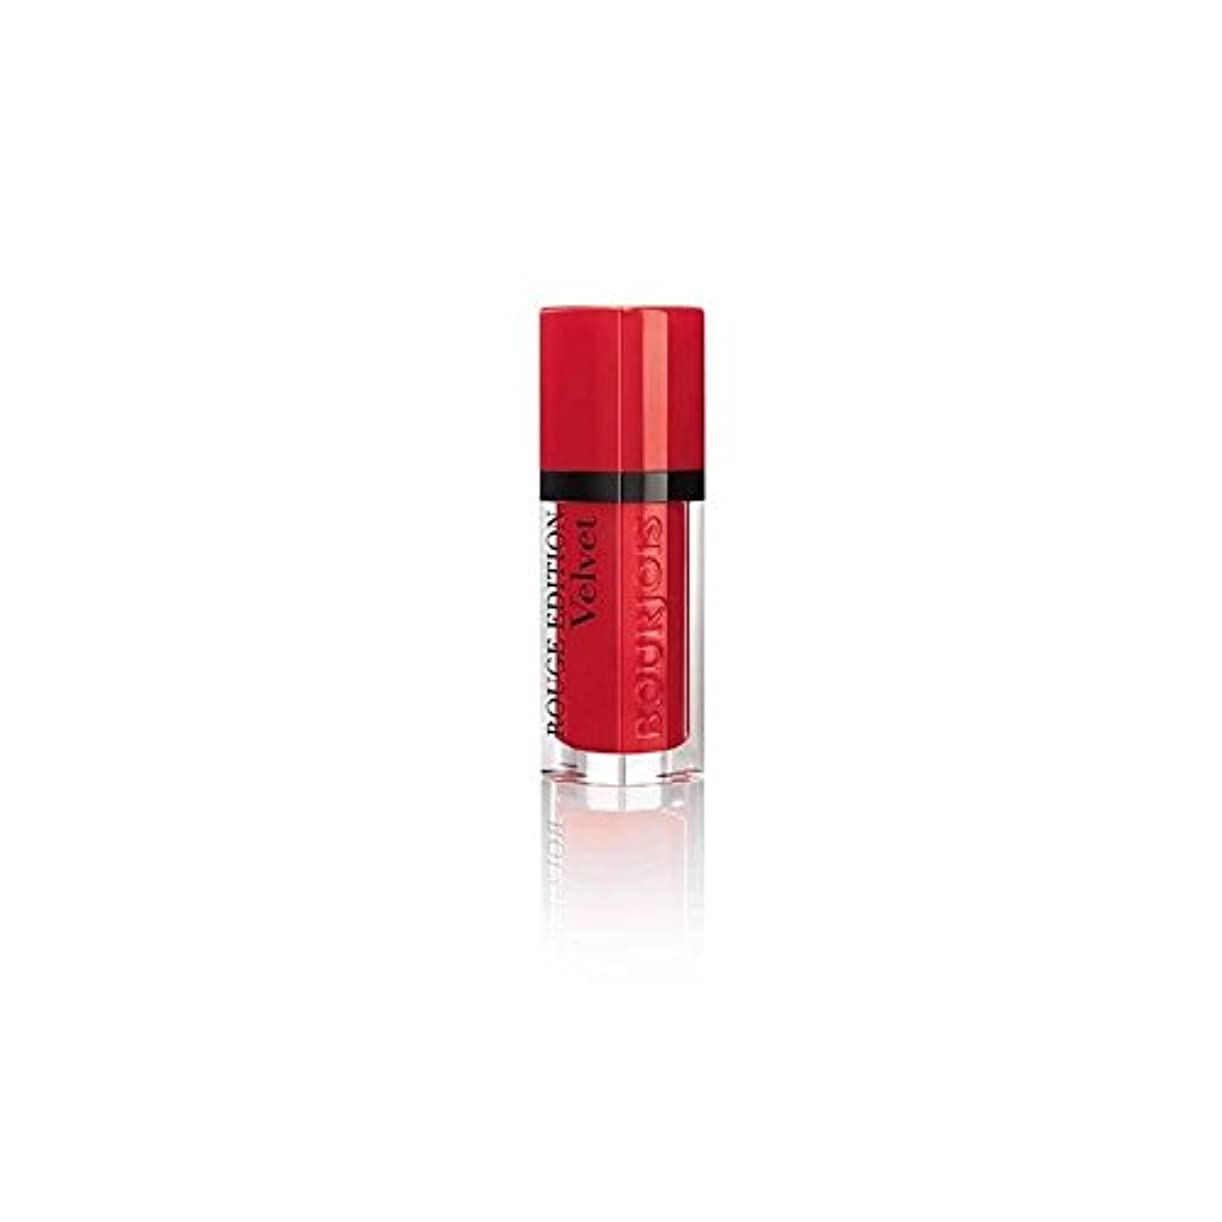 自分の力ですべてをする突然の力Bourjois Rouge Edition Velvet Lipstick It's Redding Men 18 (Pack of 6) - ブルジョワルージュ版のベルベットの口紅は、それはレディングの男性18です x6 [並行輸入品]